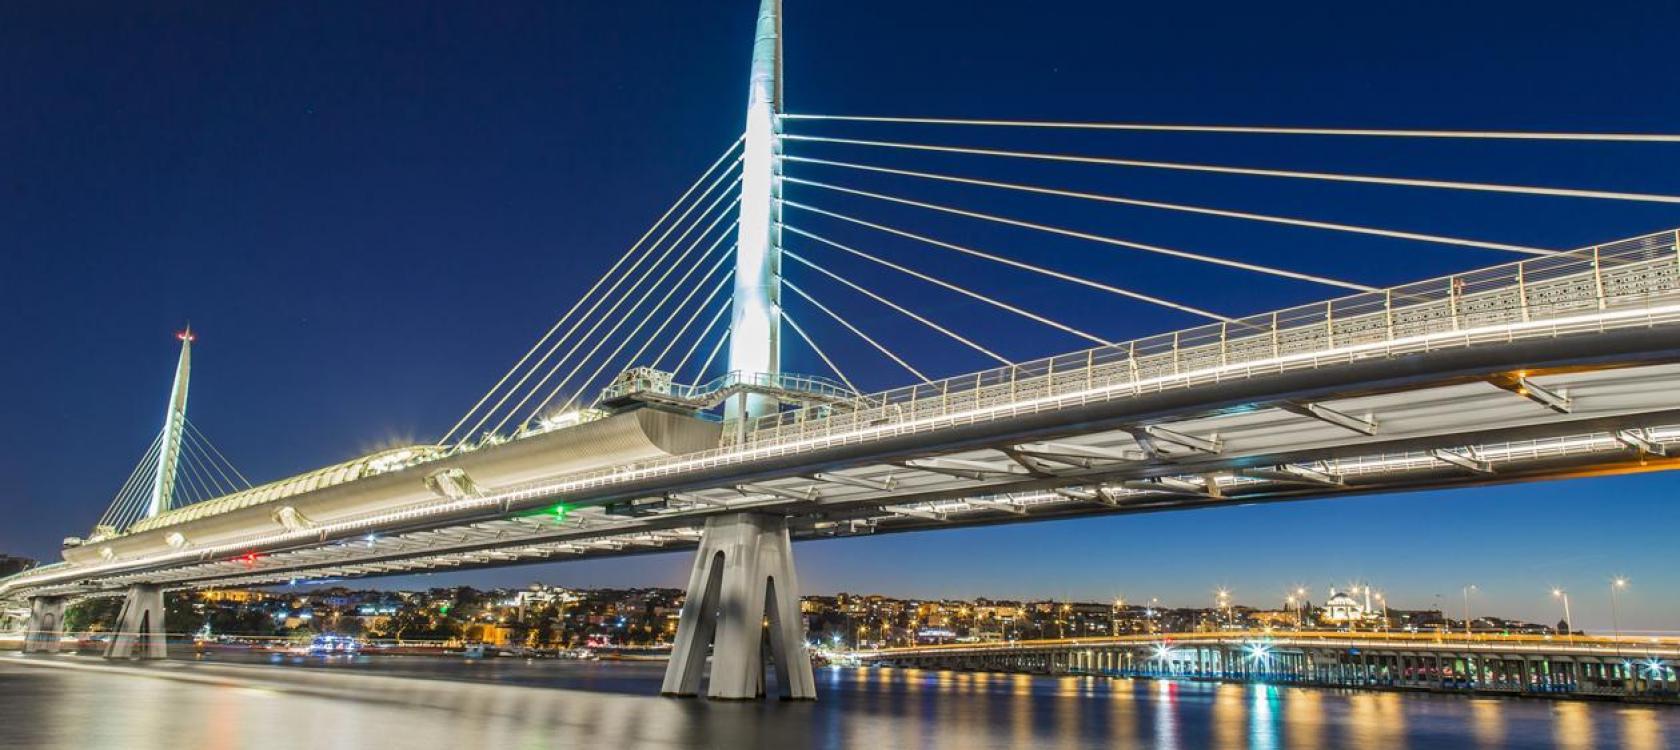 halic-metro-transport-villes-durables-istanbul-turquie.jpg?itok=l1RZ8k_C